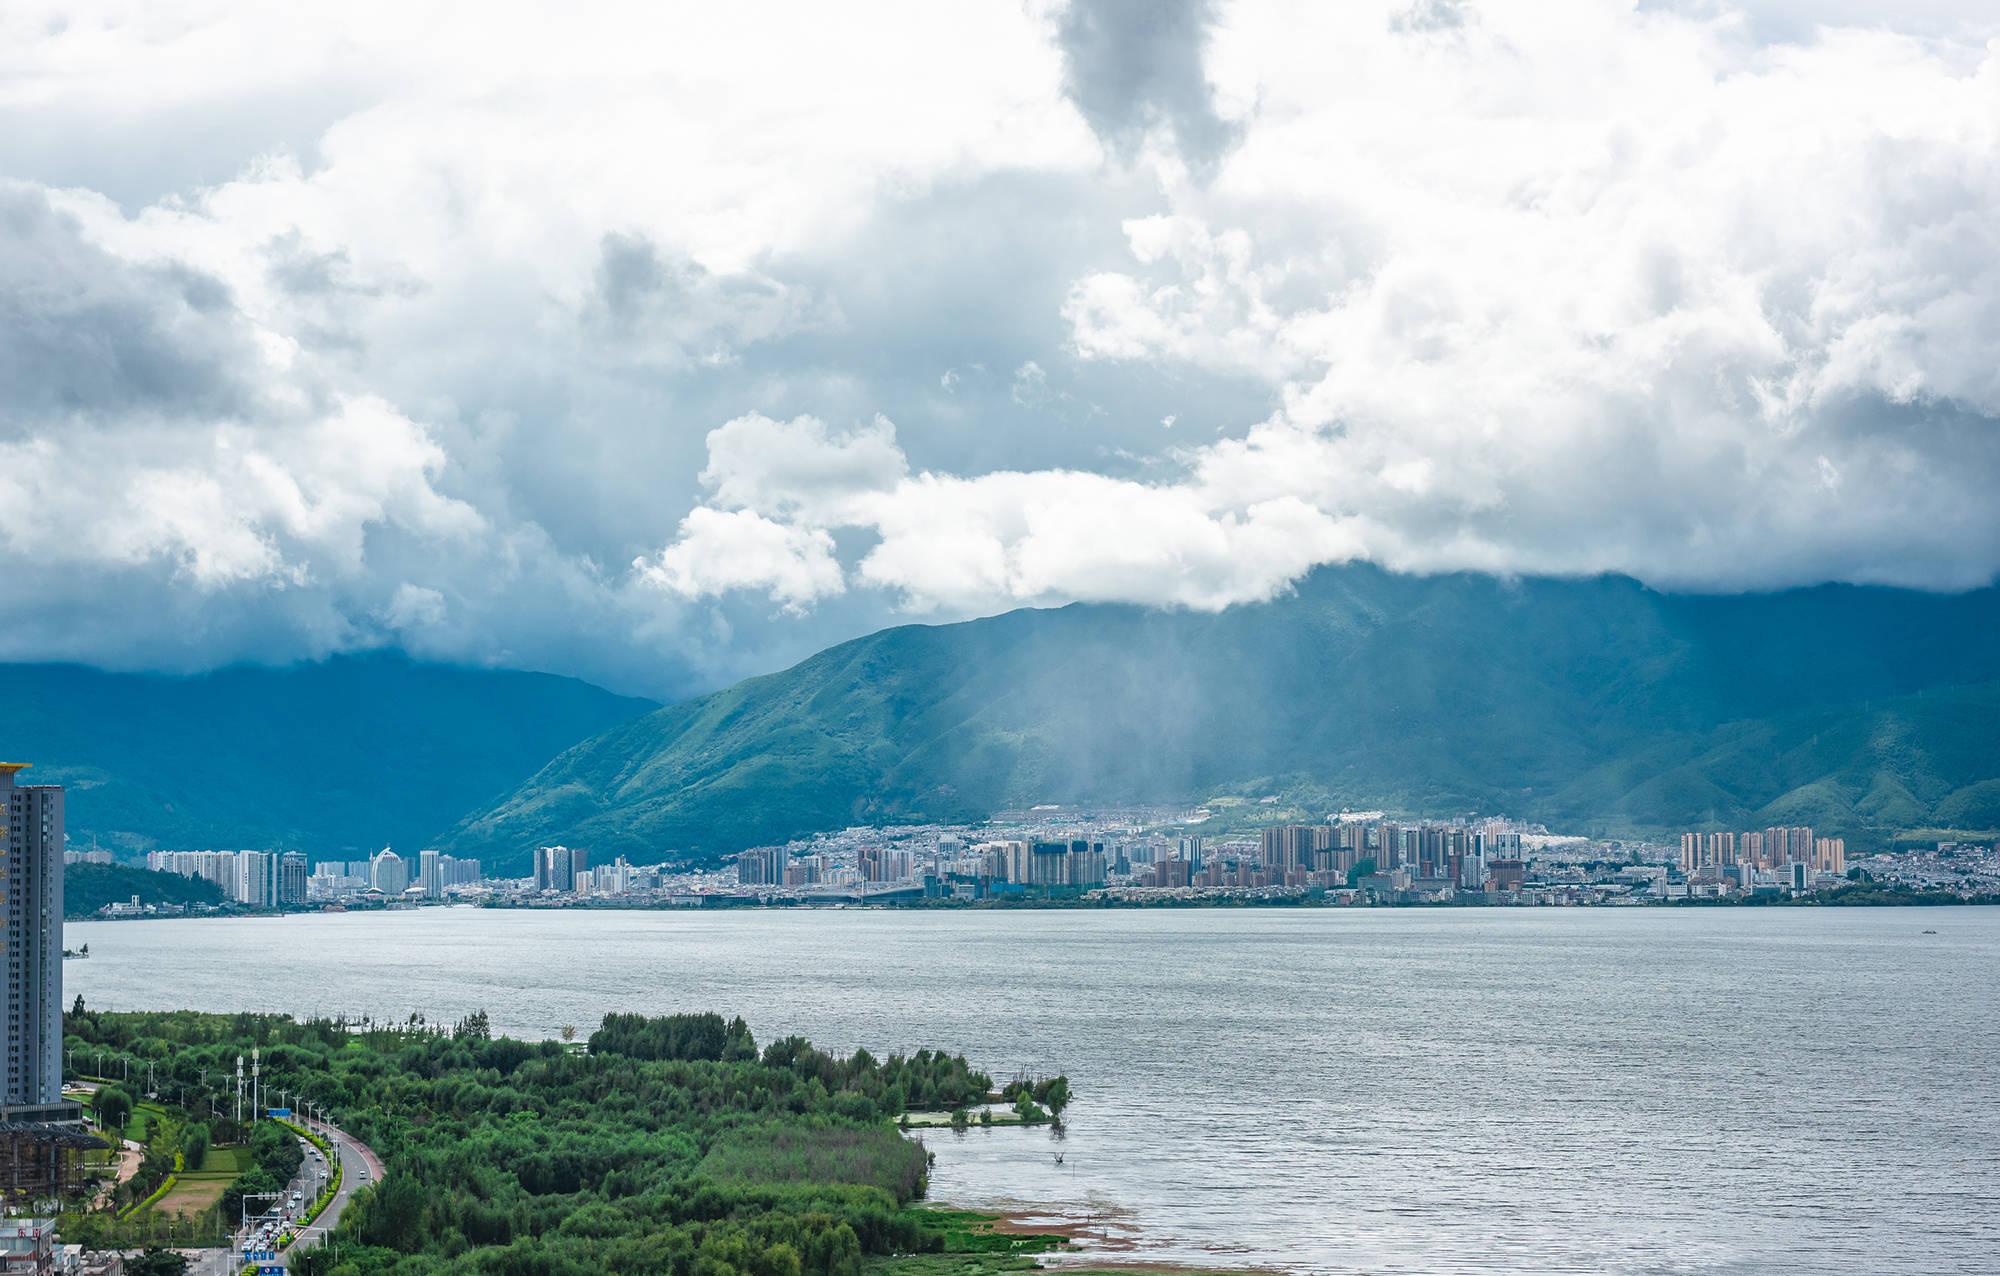 因电视剧《司藤》美景而冲上热搜的云南古城,随便一帧都是壁纸